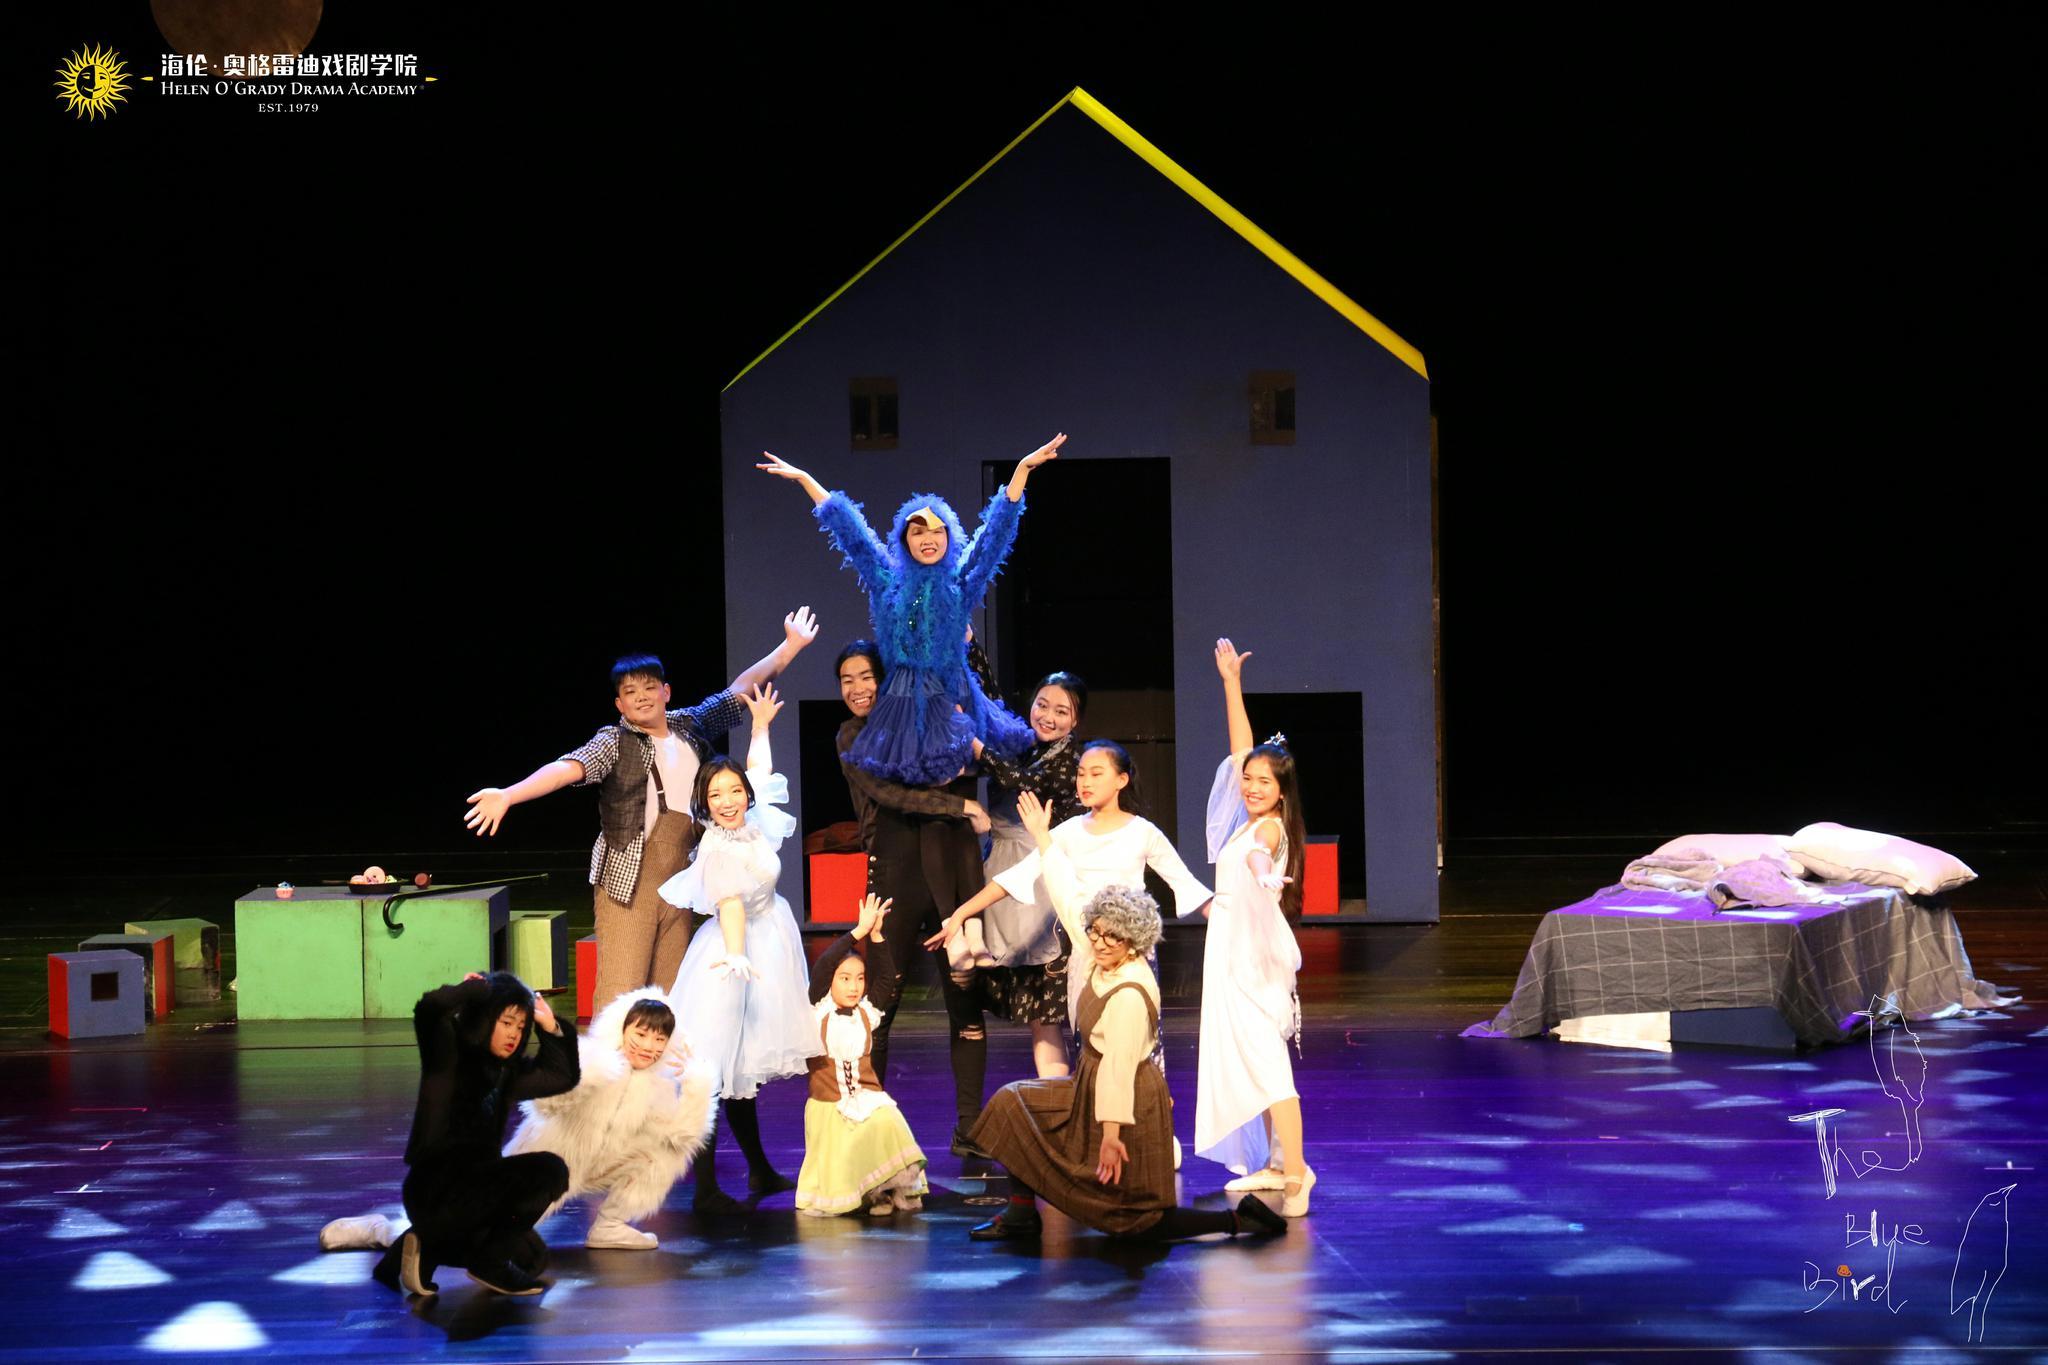 四地艺术家倾力打造 英文儿童音乐剧《青鸟》广东巡演拉开帷幕